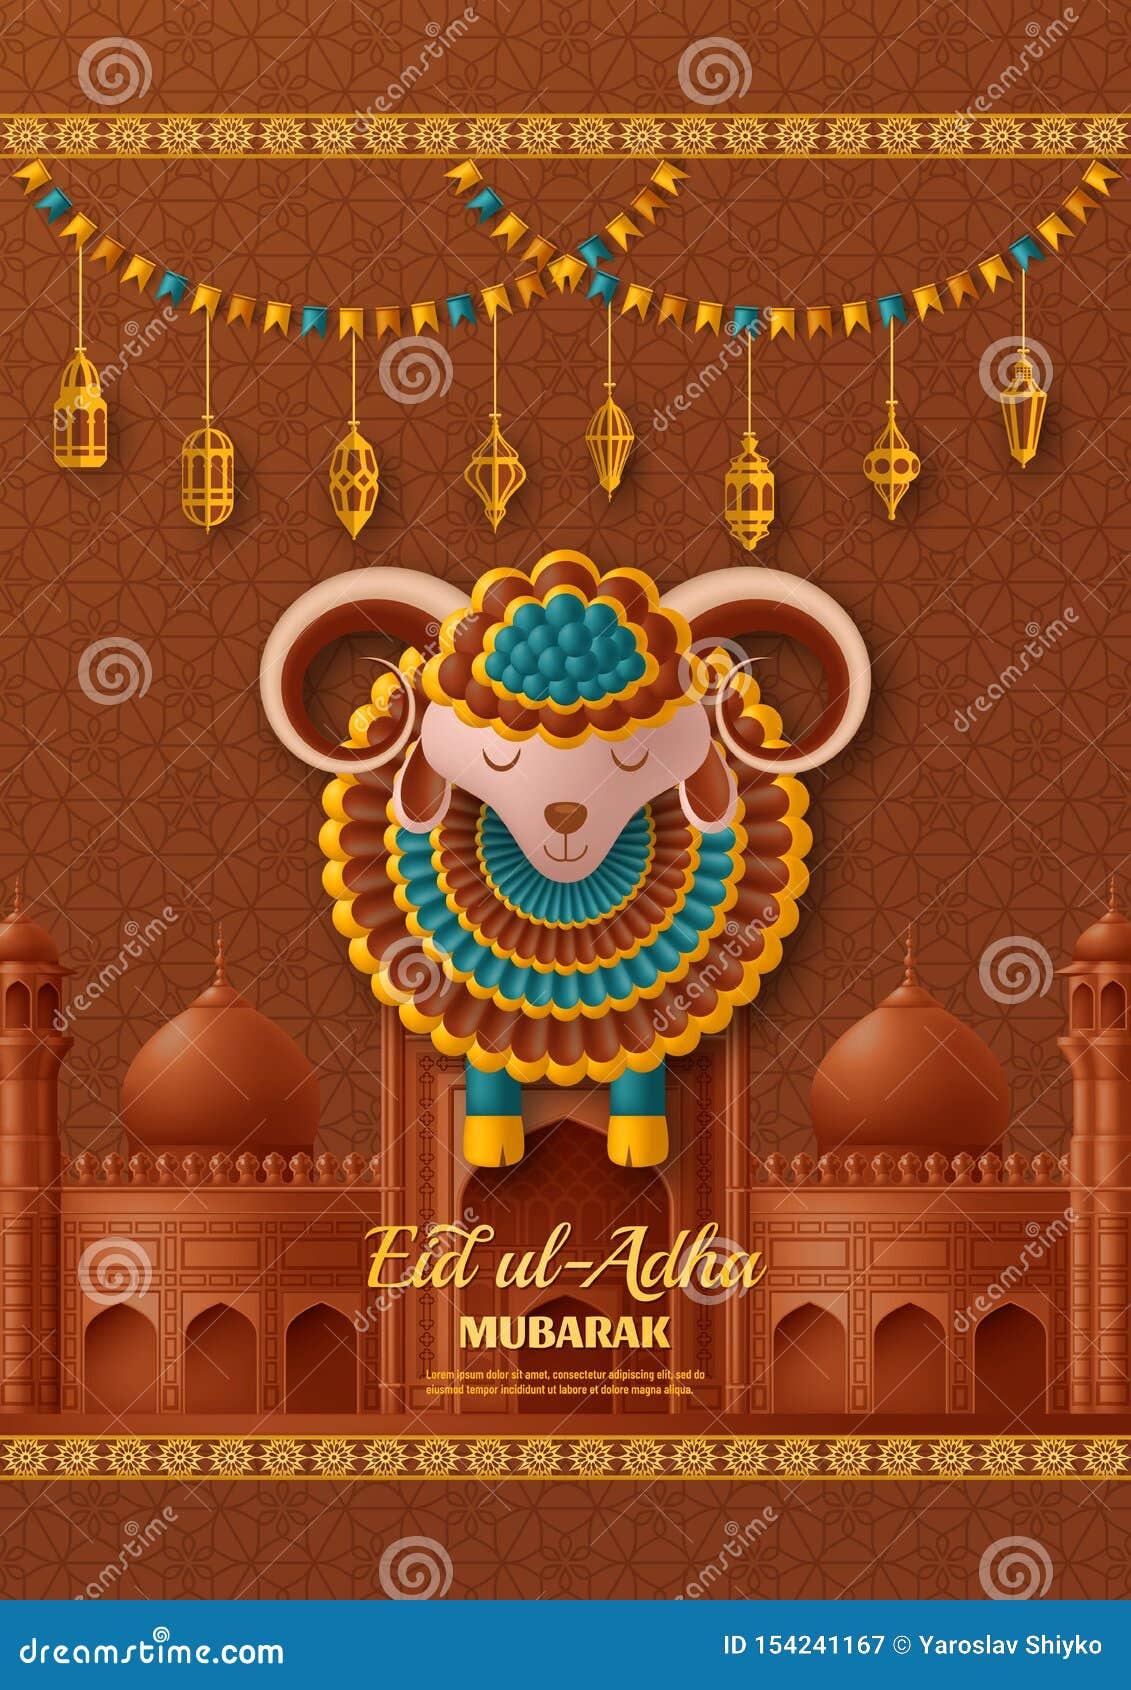 Fond d UL Adha d Eid Lanternes et moutons arabes islamiques Carte de voeux Festival du sacrifice Illustration de vecteur